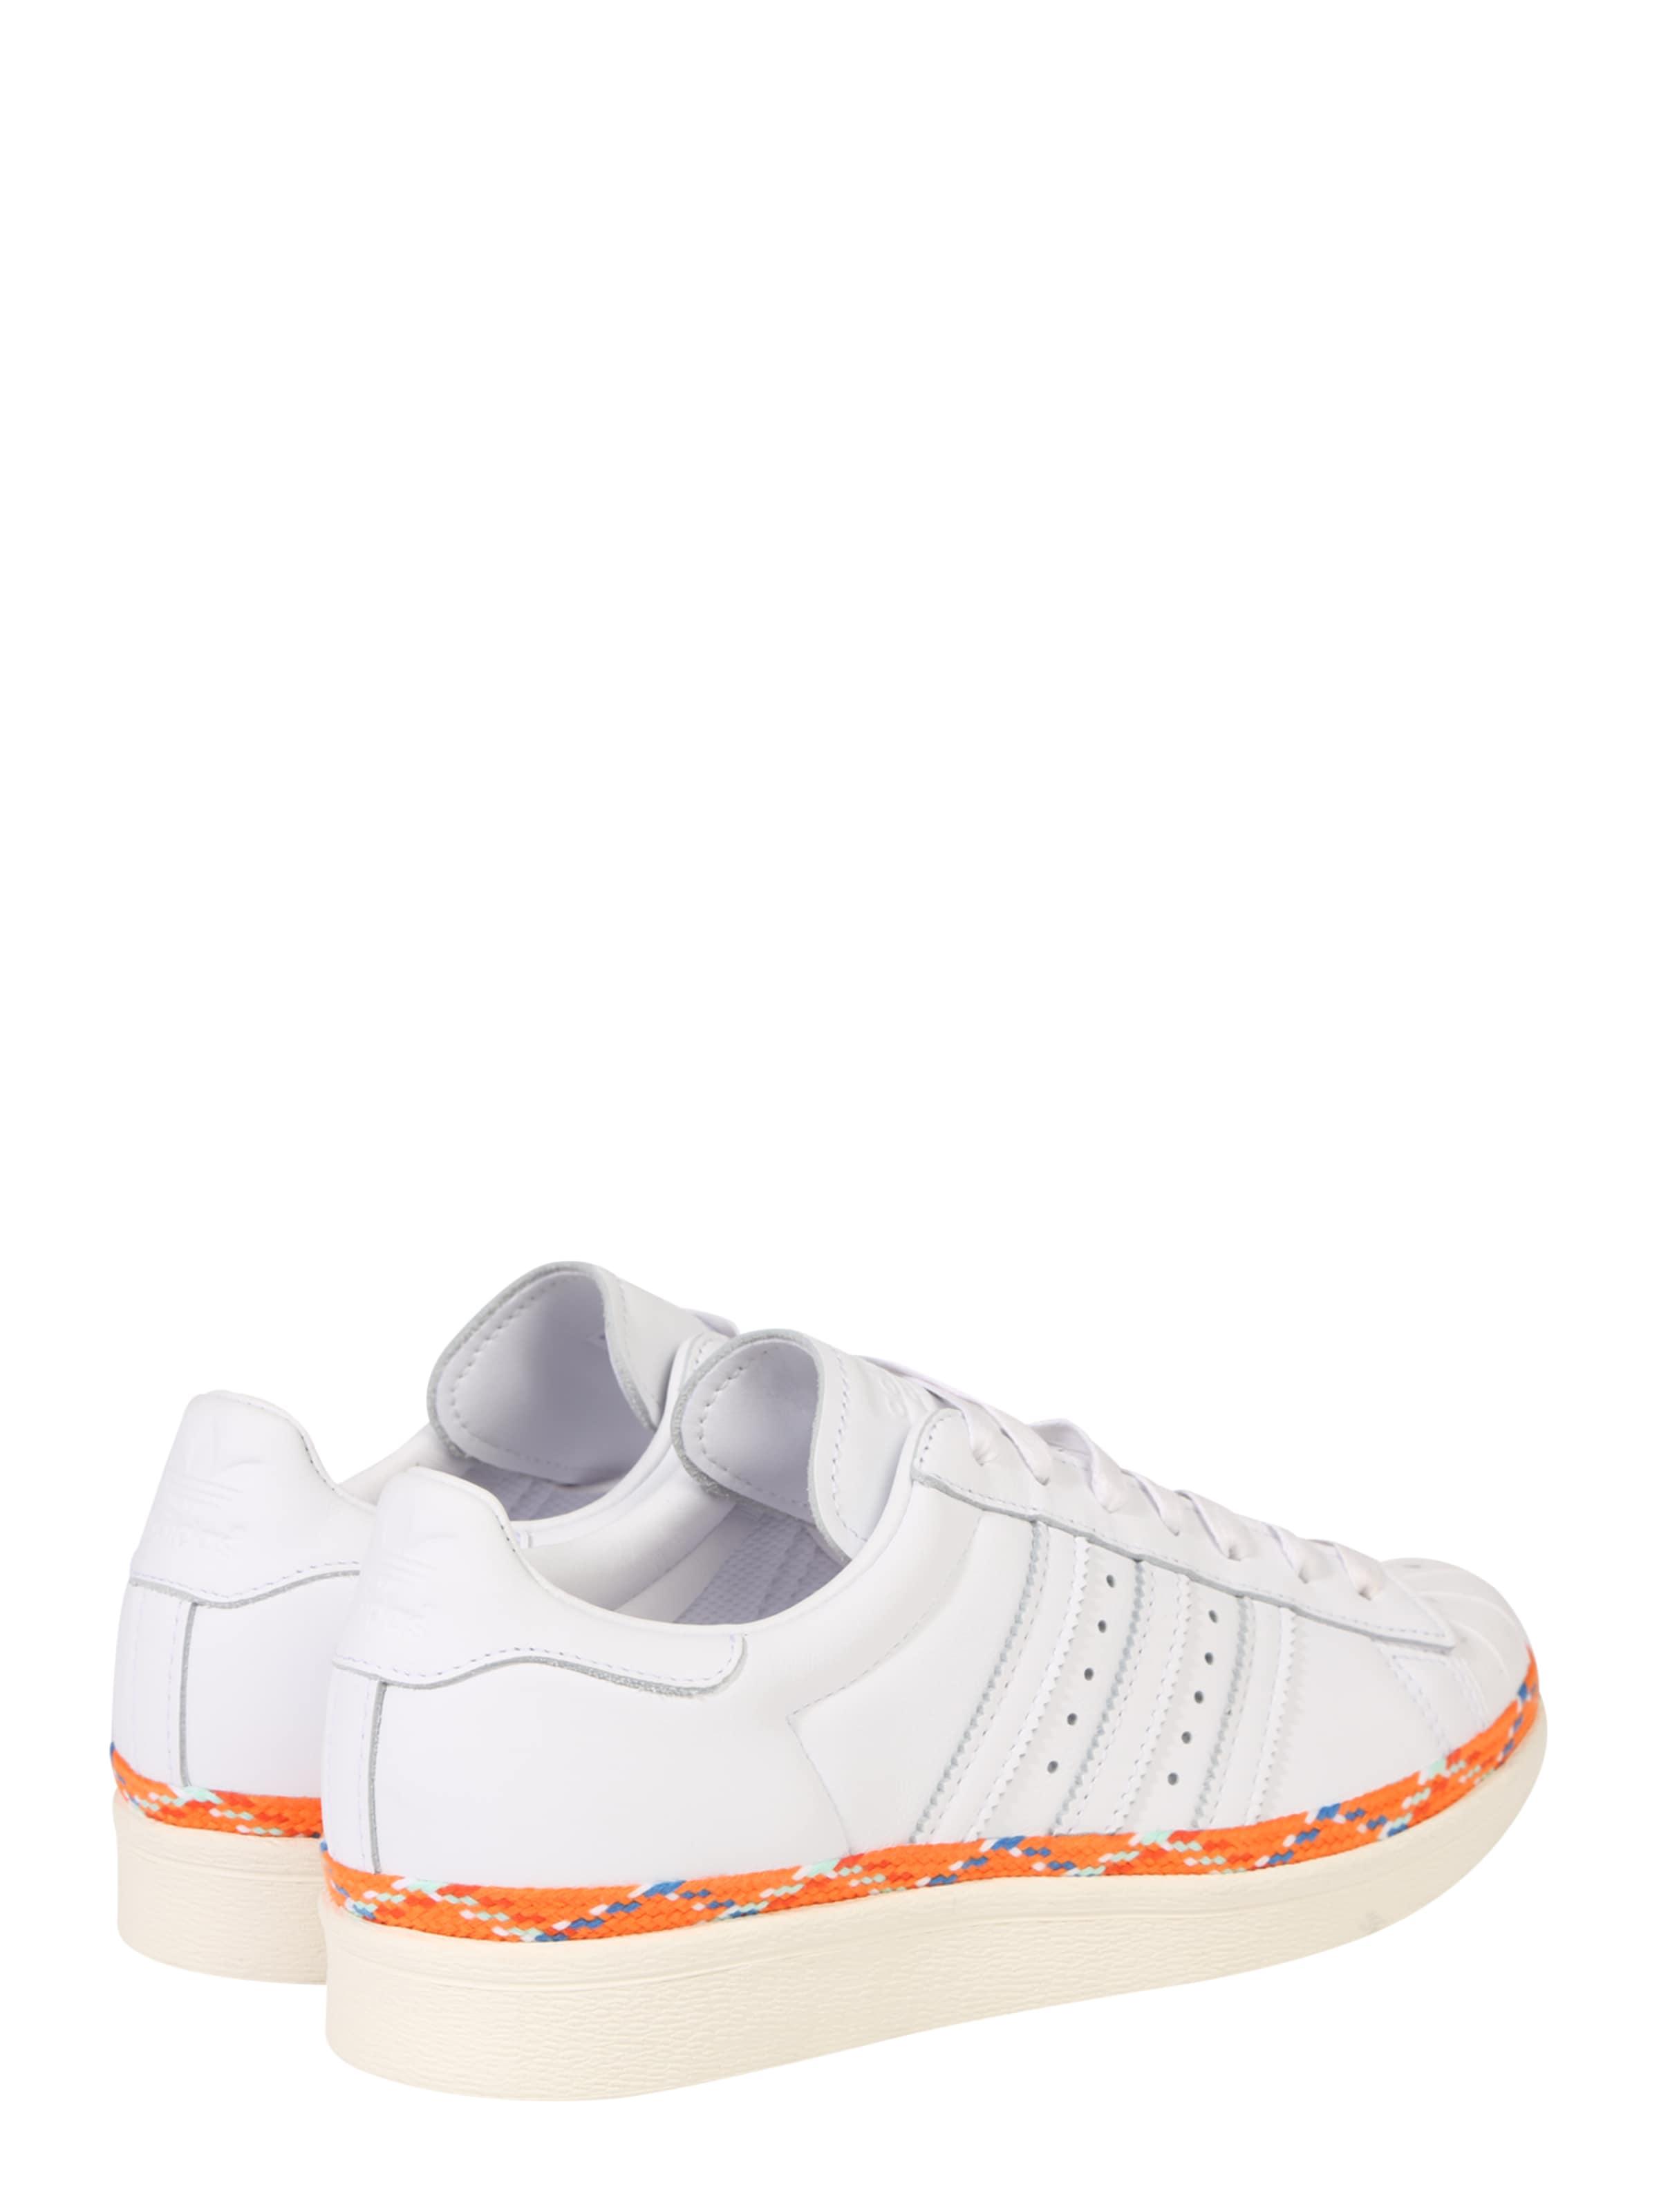 Baskets 'superstar Adidas En 80s' Basses Originals Blanc nk0wO8PX